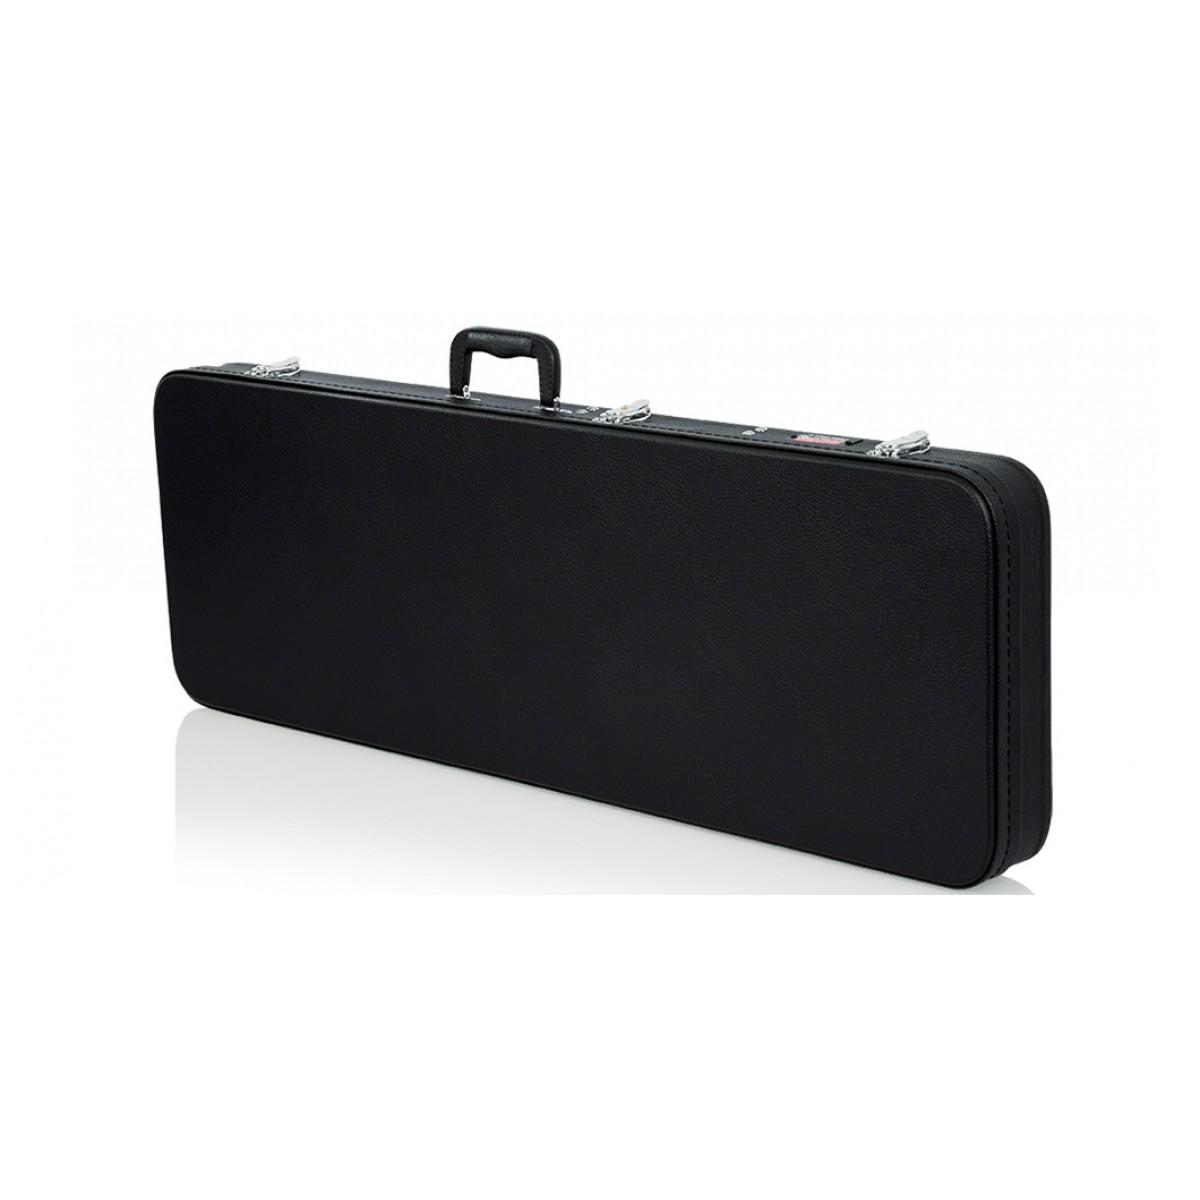 gator gwe elec hardshell wood guitar case. Black Bedroom Furniture Sets. Home Design Ideas